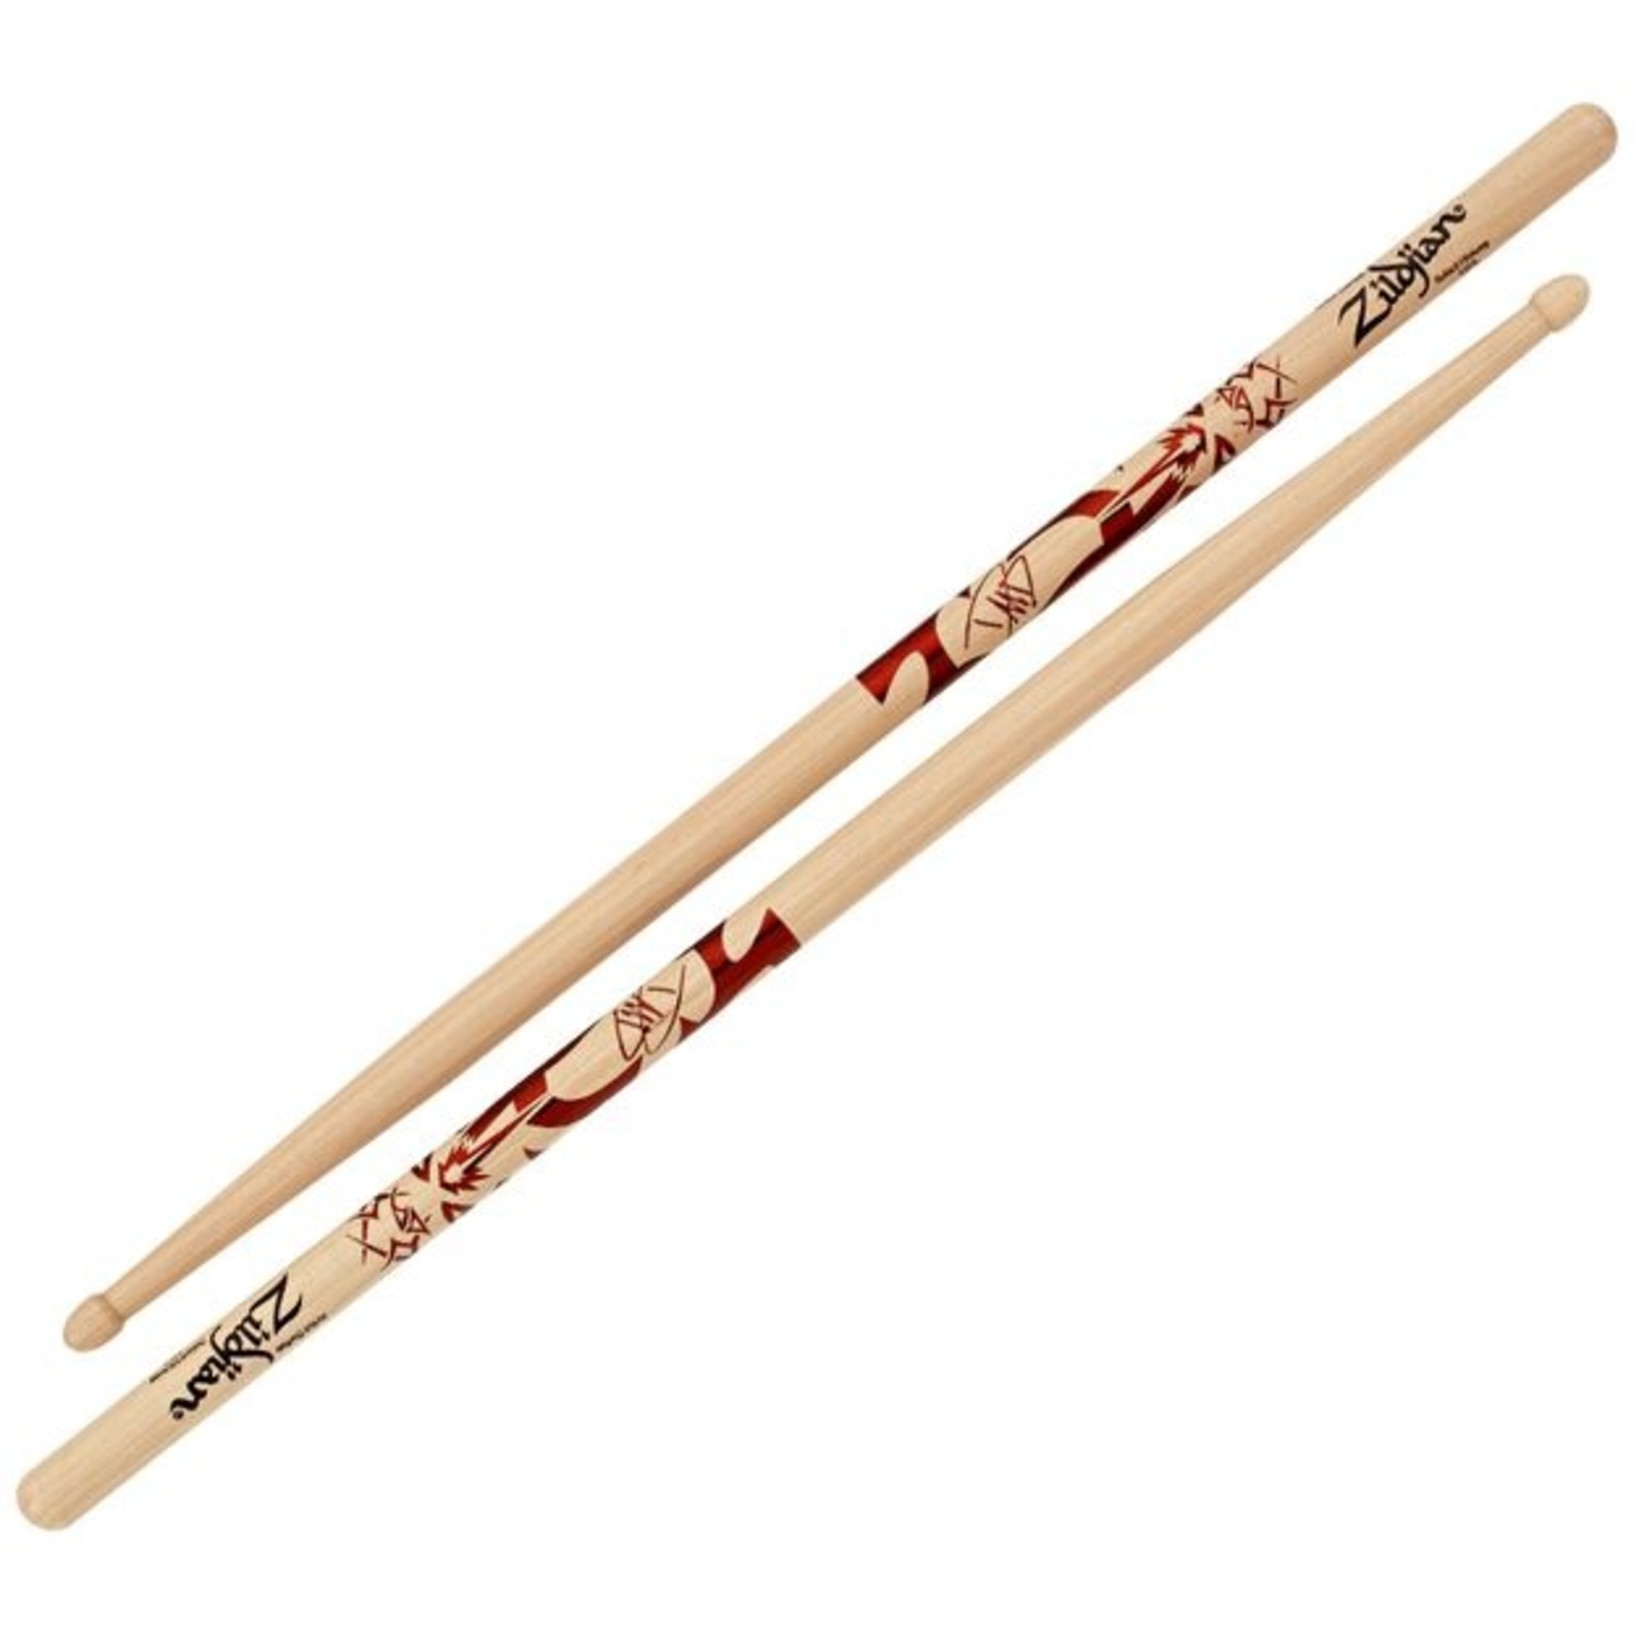 Zildjian Zildjian David Grohl Artist Series Drumsticks